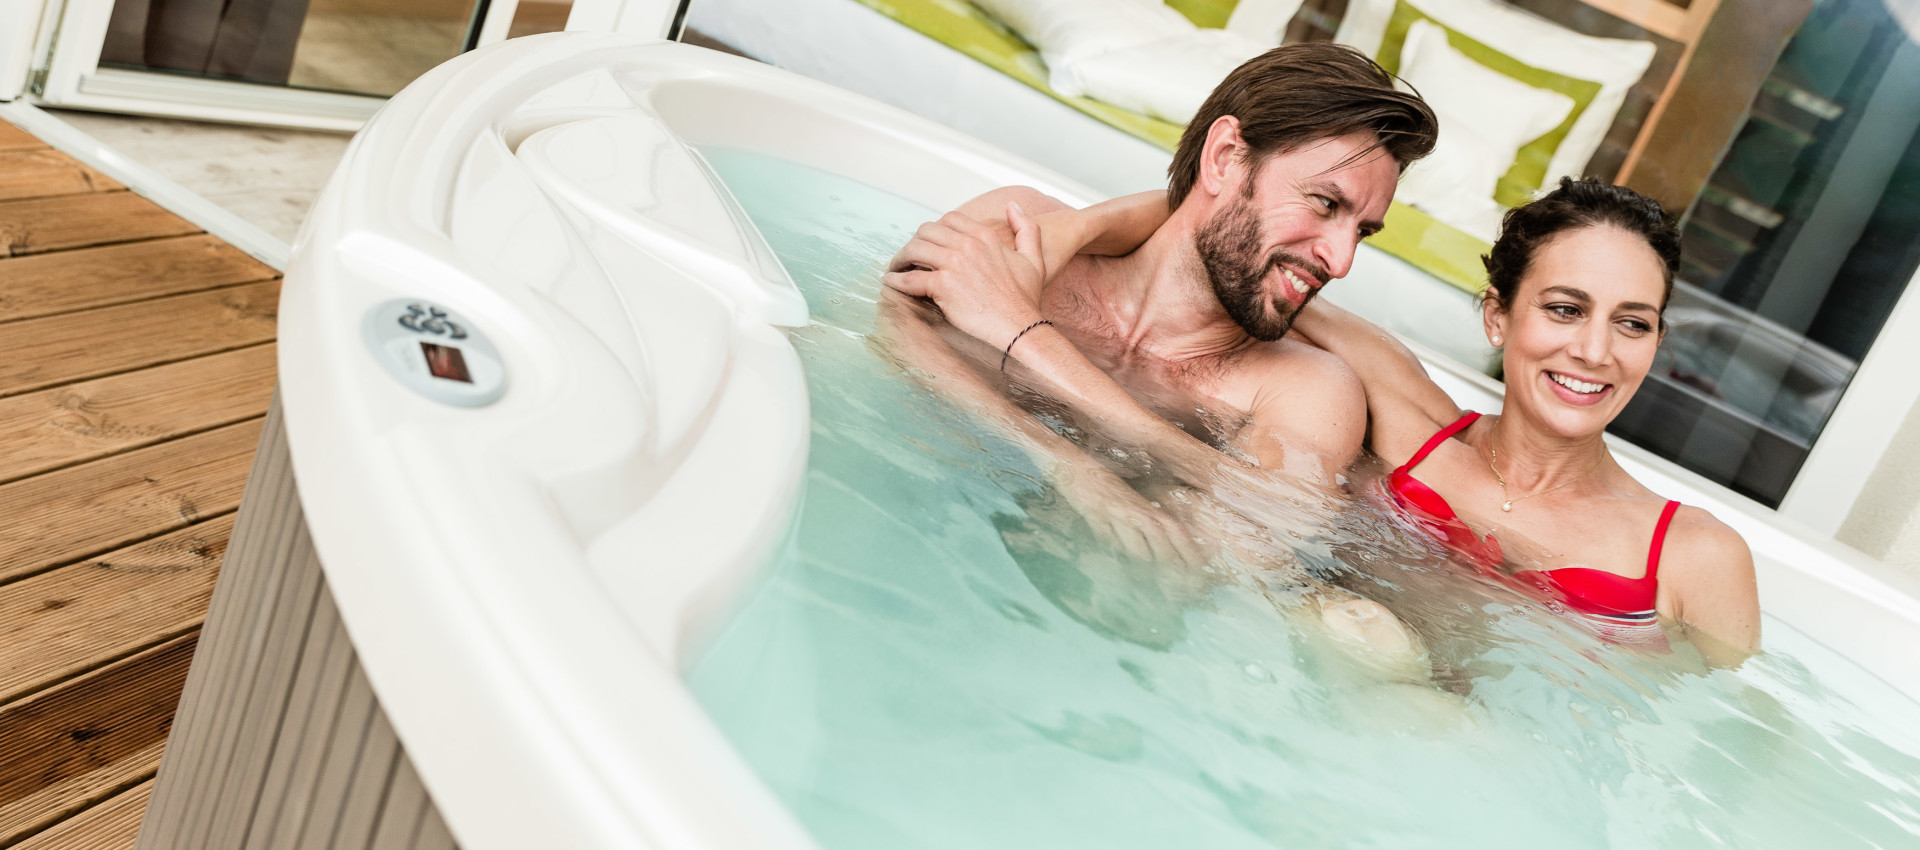 Genusshotel mit Hallenbad Wellness bei Meran, Reise-Storno-Schutz